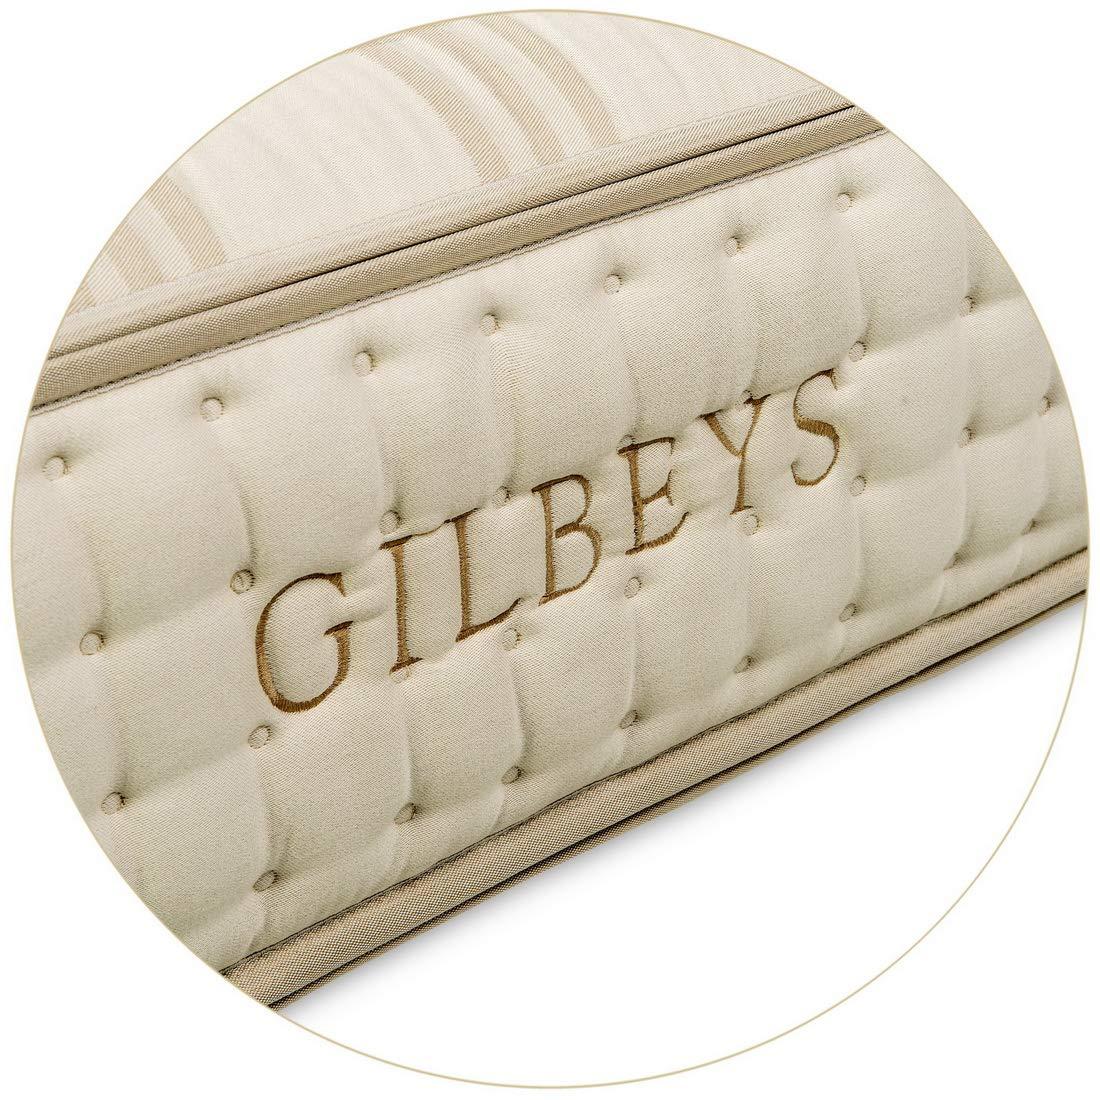 Gilbeys Materassi.Gilbey S Materasso Memory Foam Densa A Lento Rilascio Tre Strati